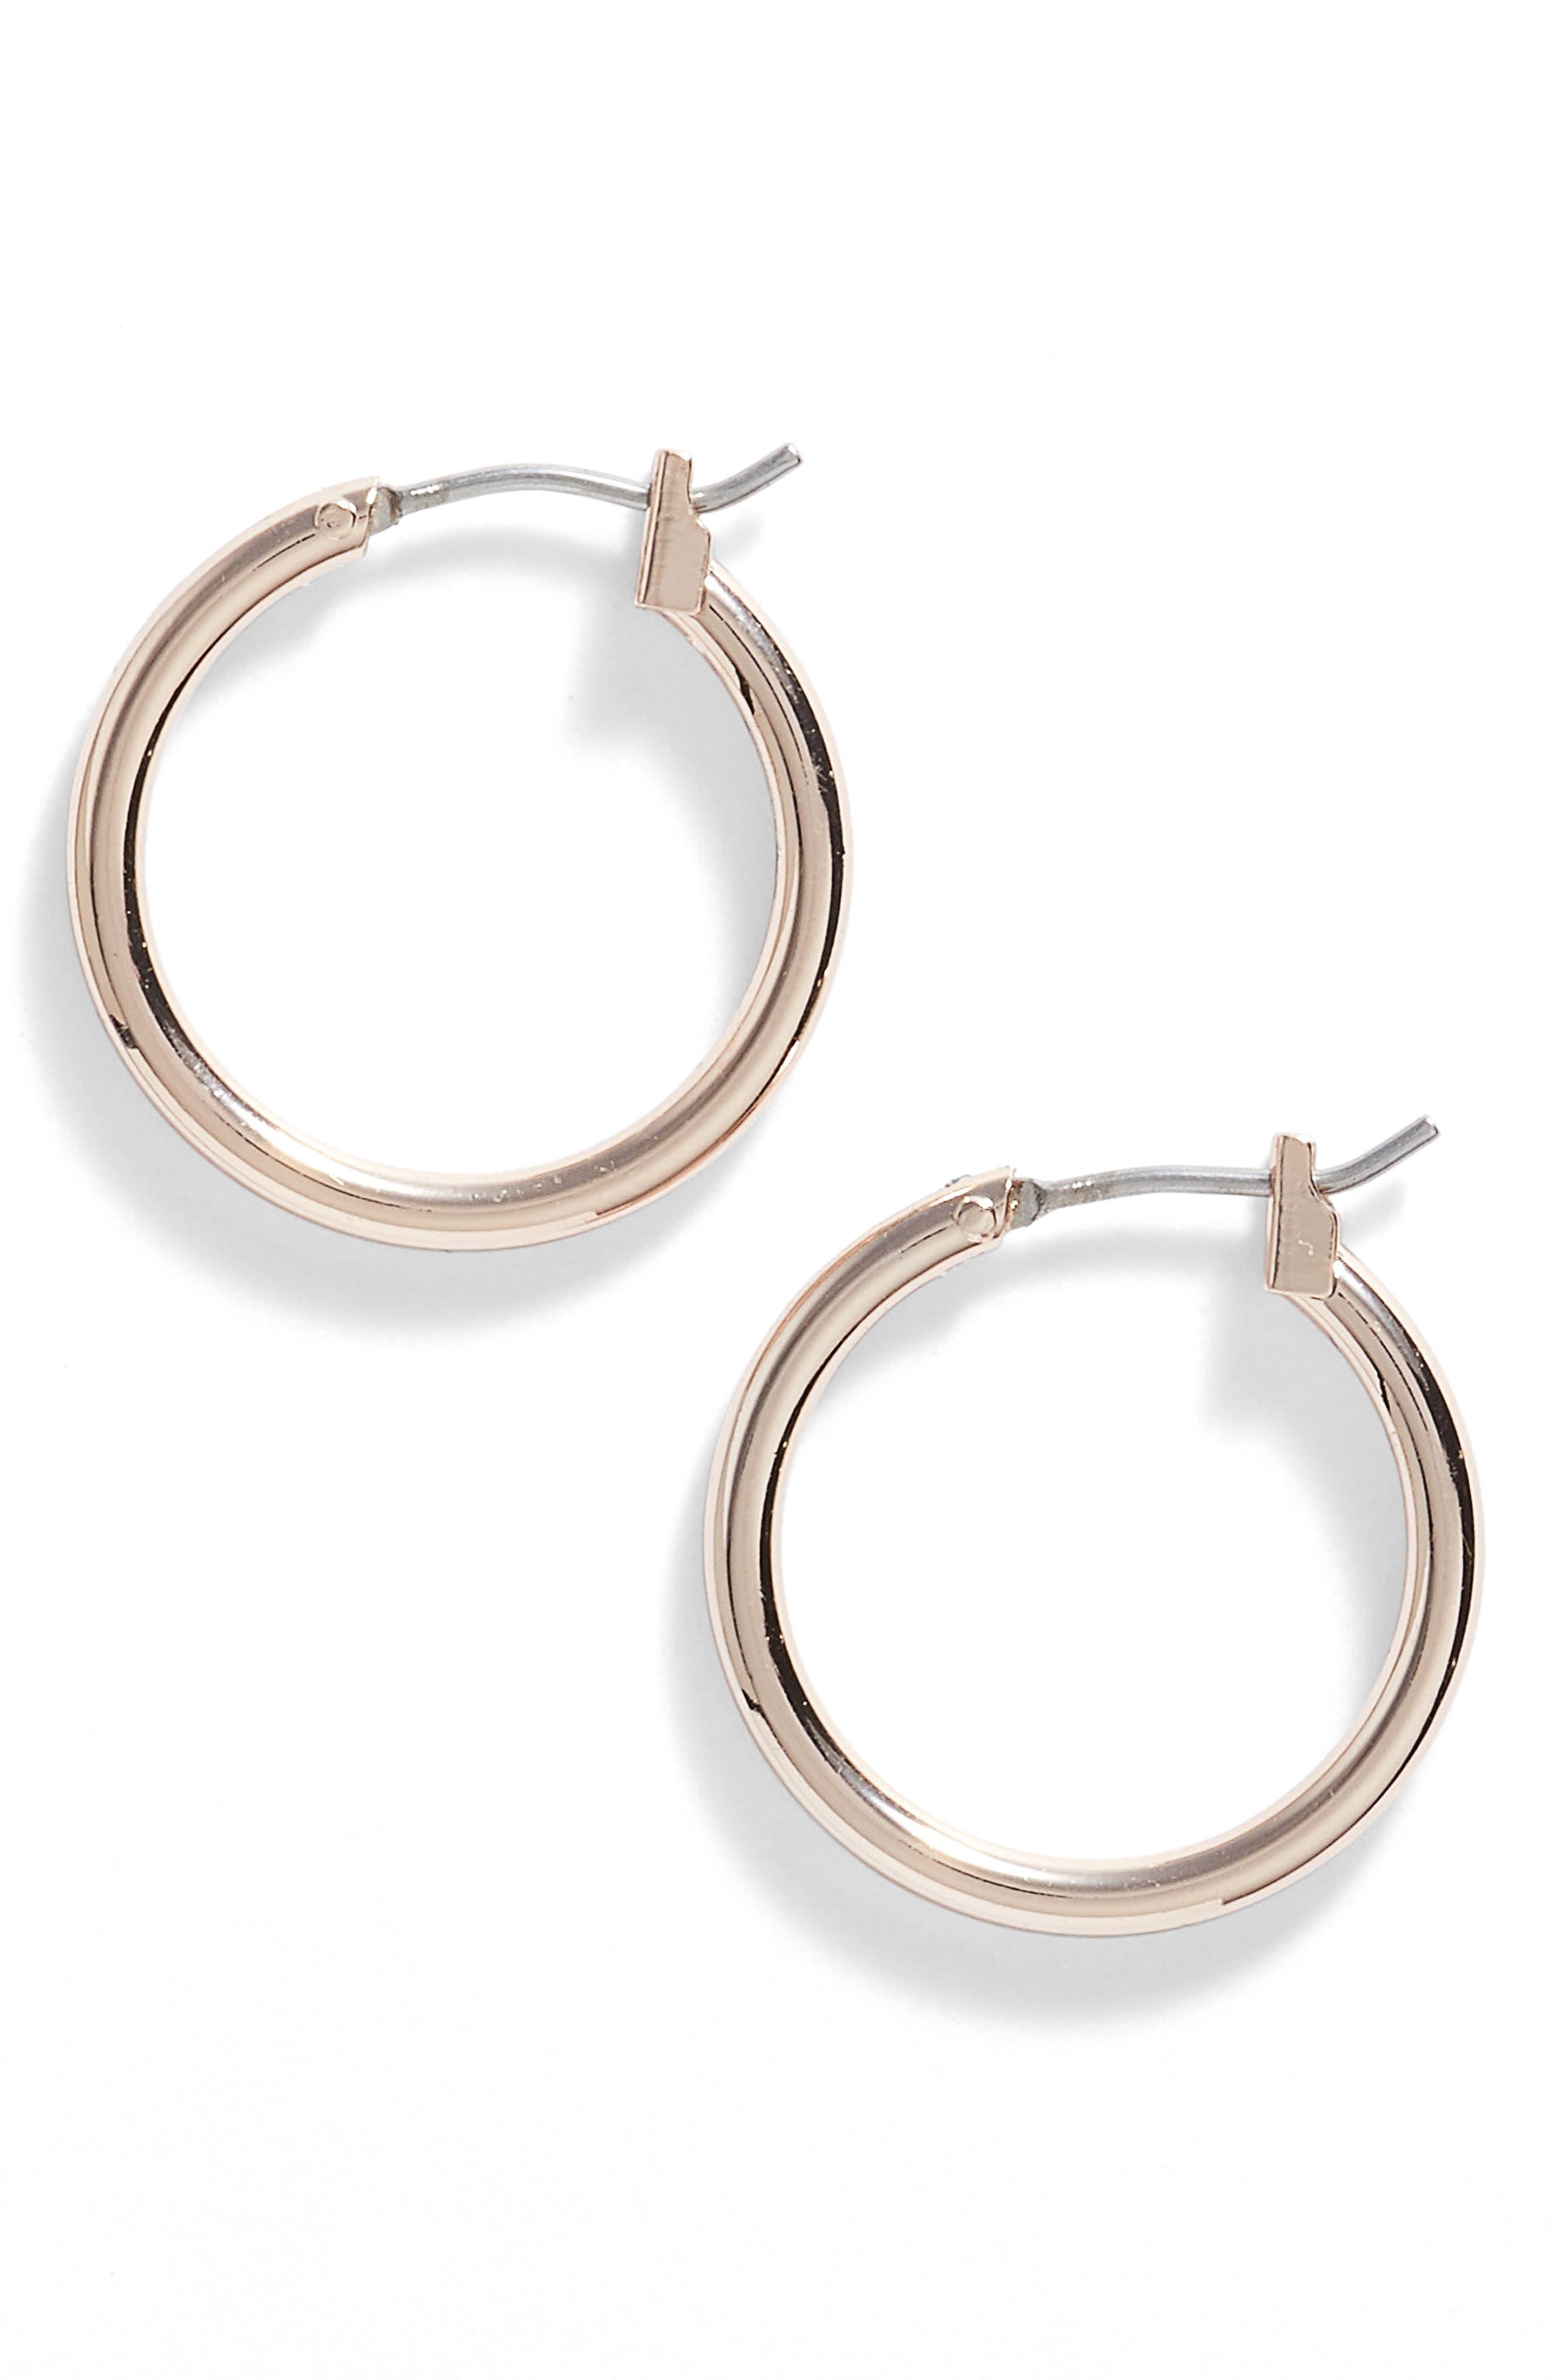 Main Image - Nordstrom 'Clean' Small Hoop Earrings